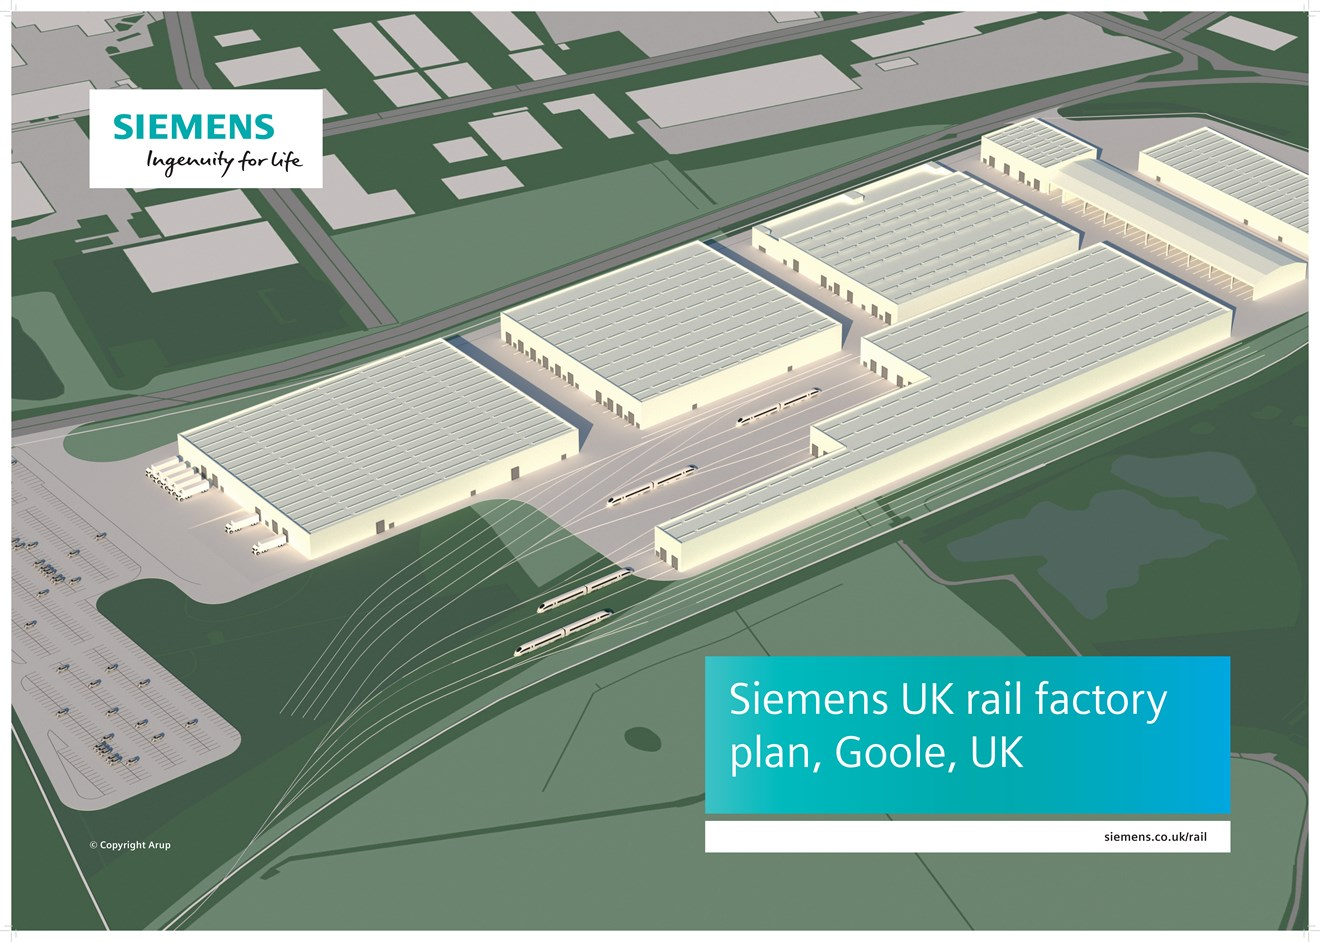 Siemens plans new rail factory in Goole UK